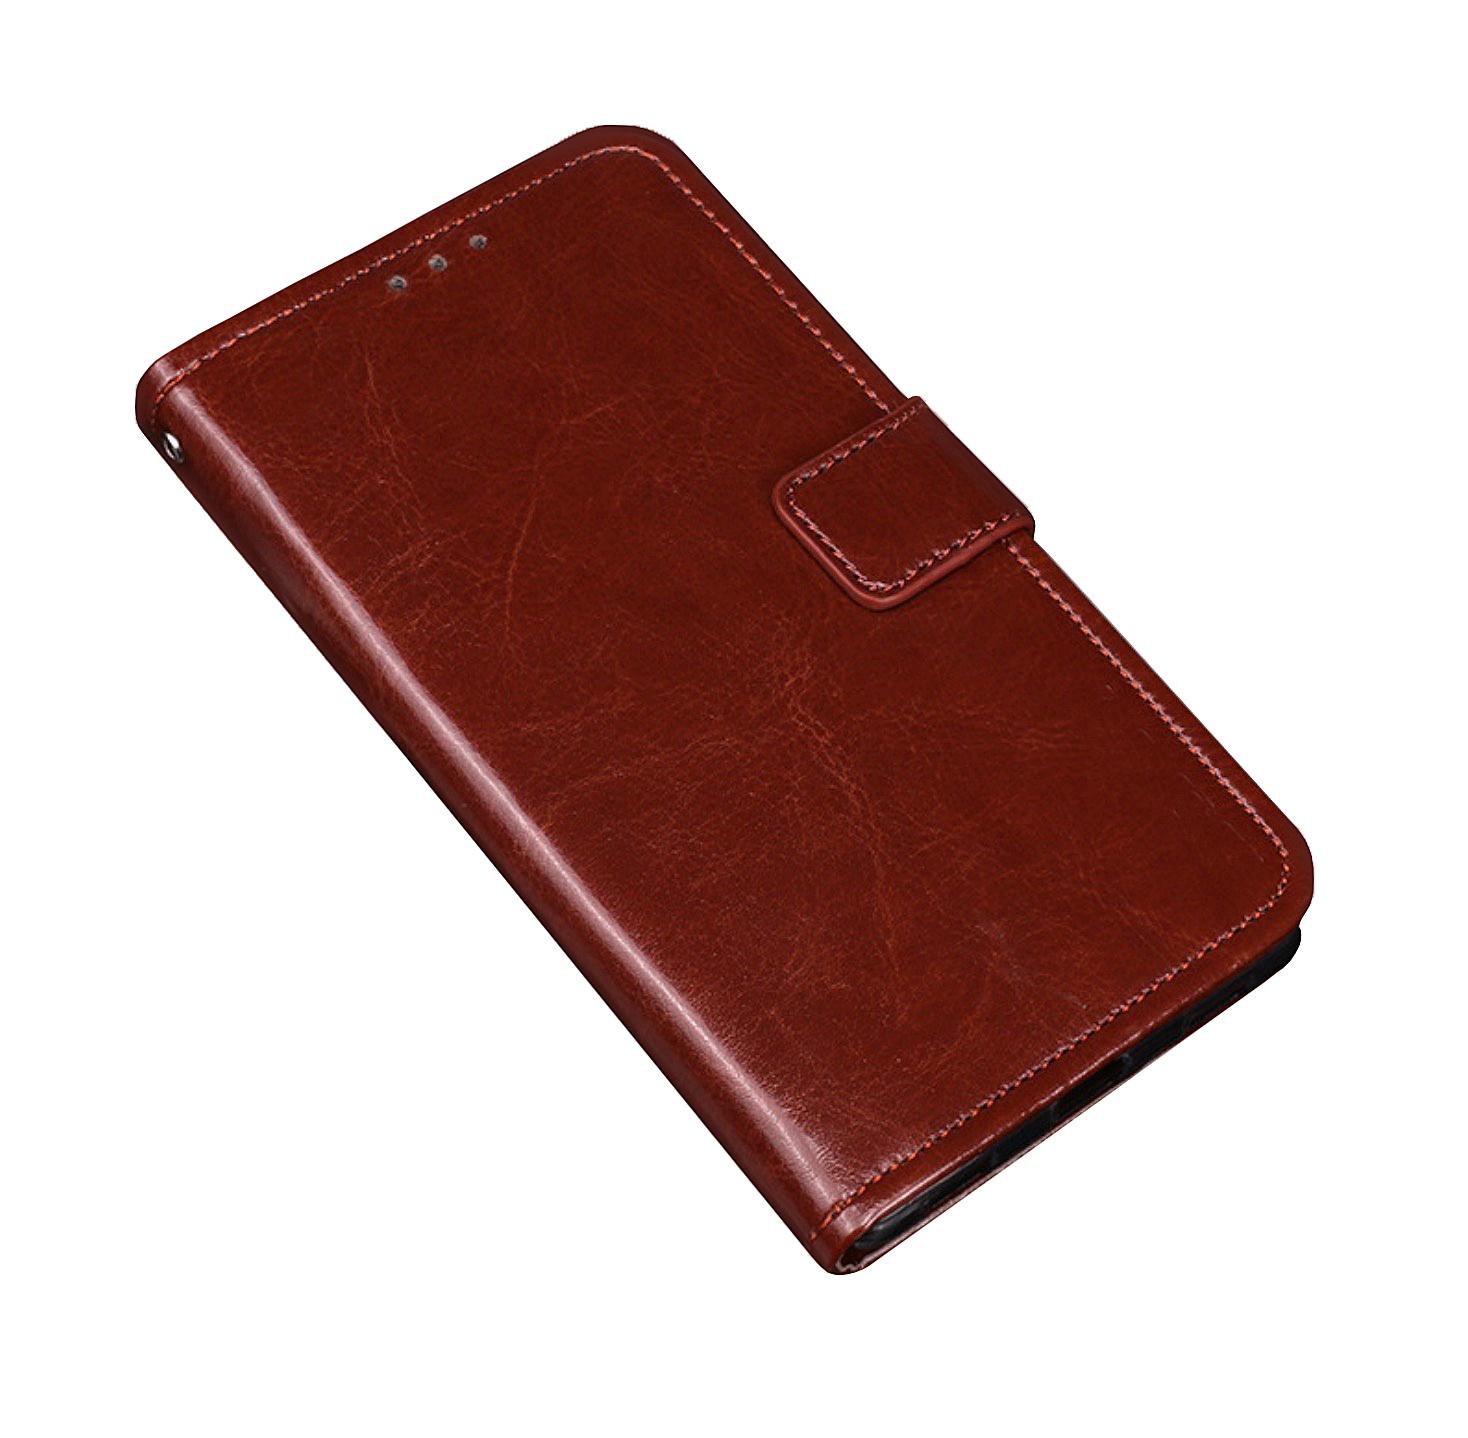 купить Чехол-книжка MyPads для ZTE Nubia N2 с мульти-подставкой застёжкой и визитницей коричневый онлайн